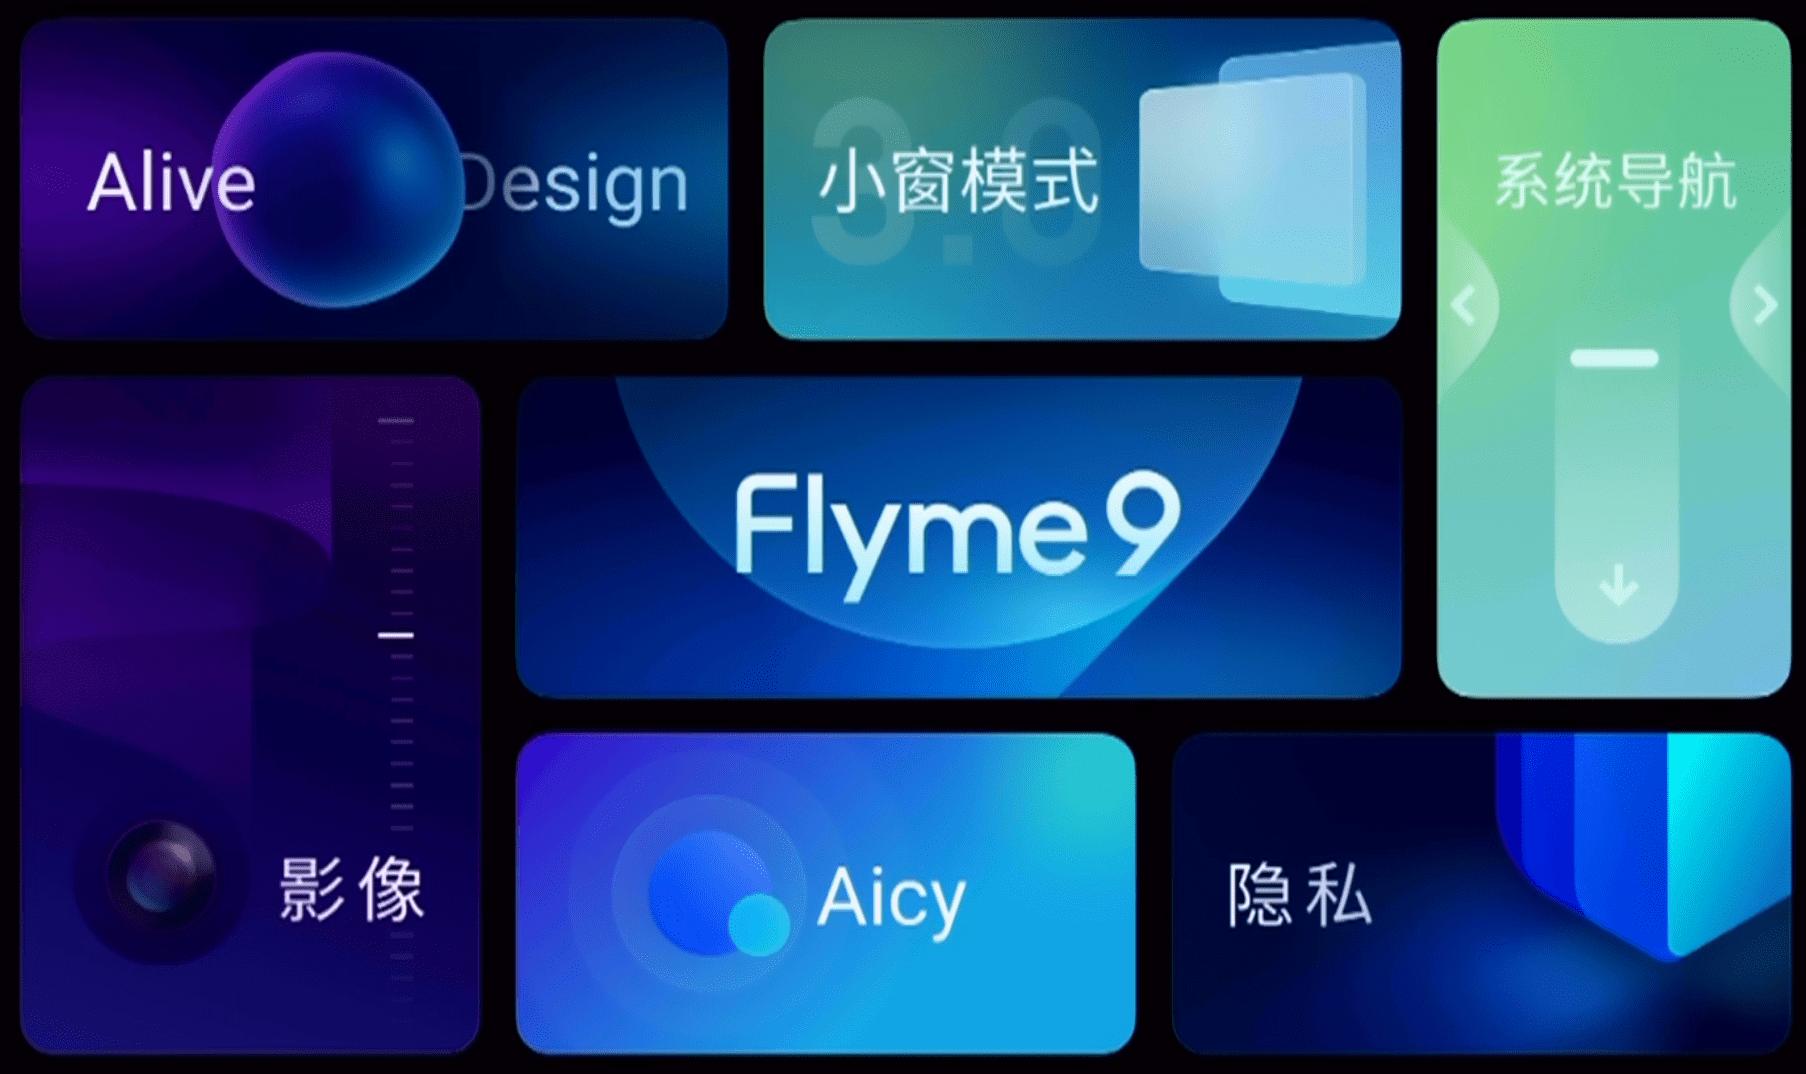 """开创国产系统新篇章,魅族""""三零""""手机成全民焦点"""